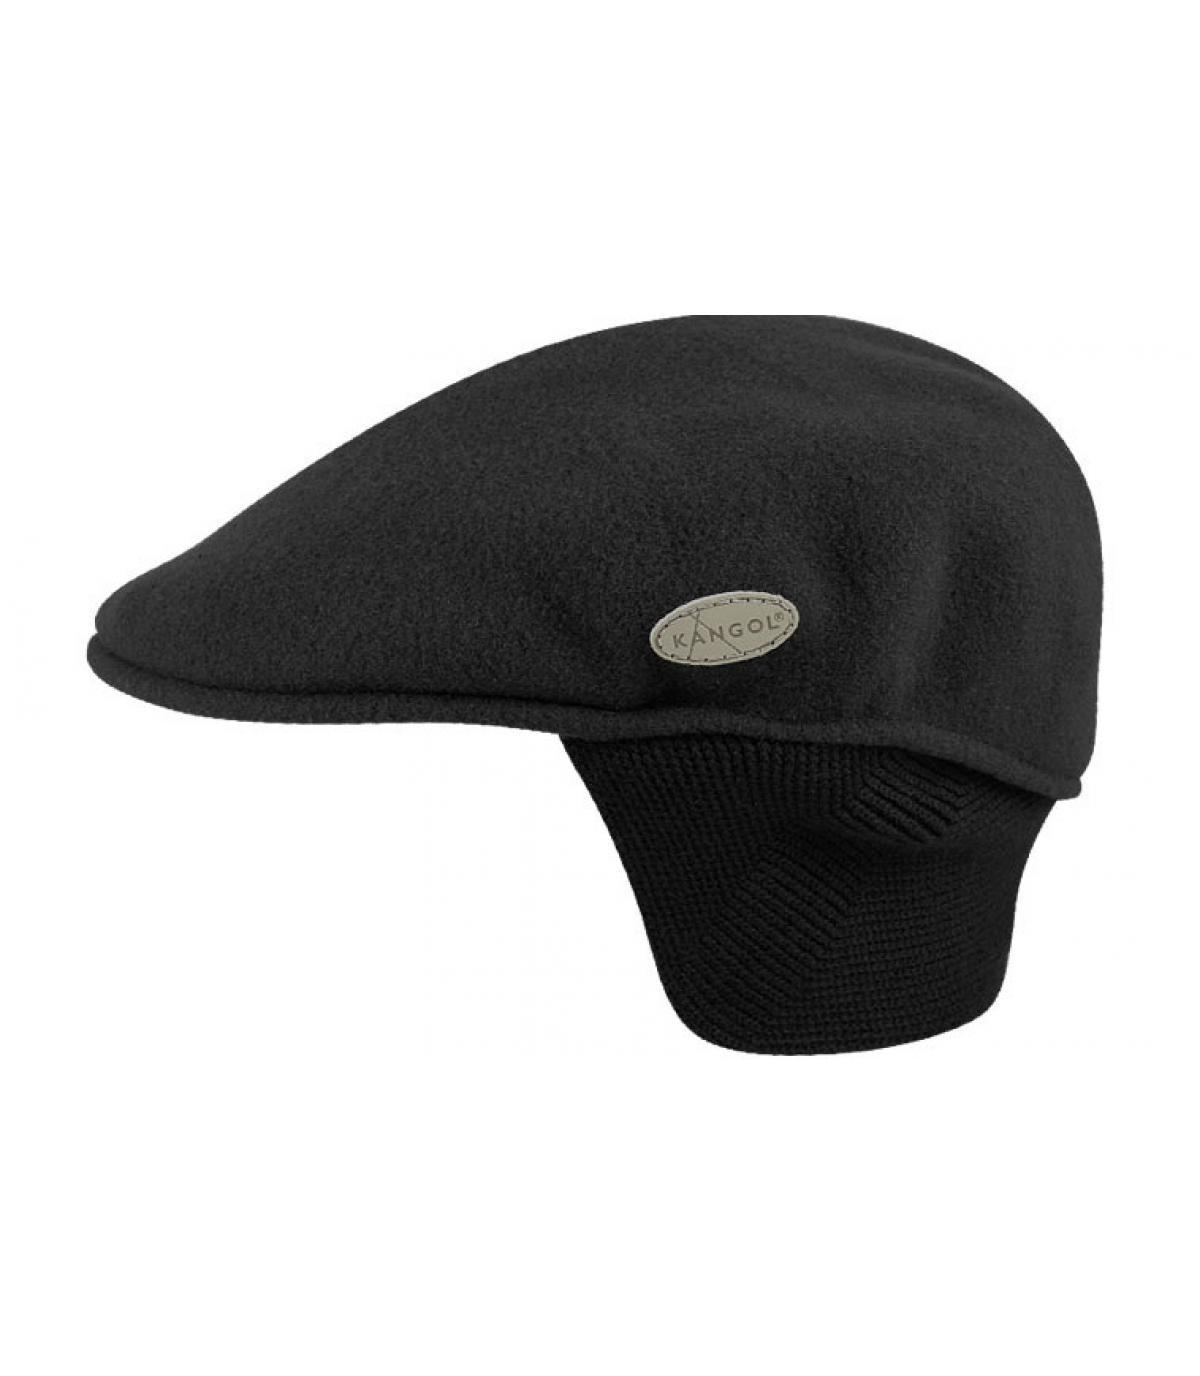 Détails 504 wool earflap noir - image 3